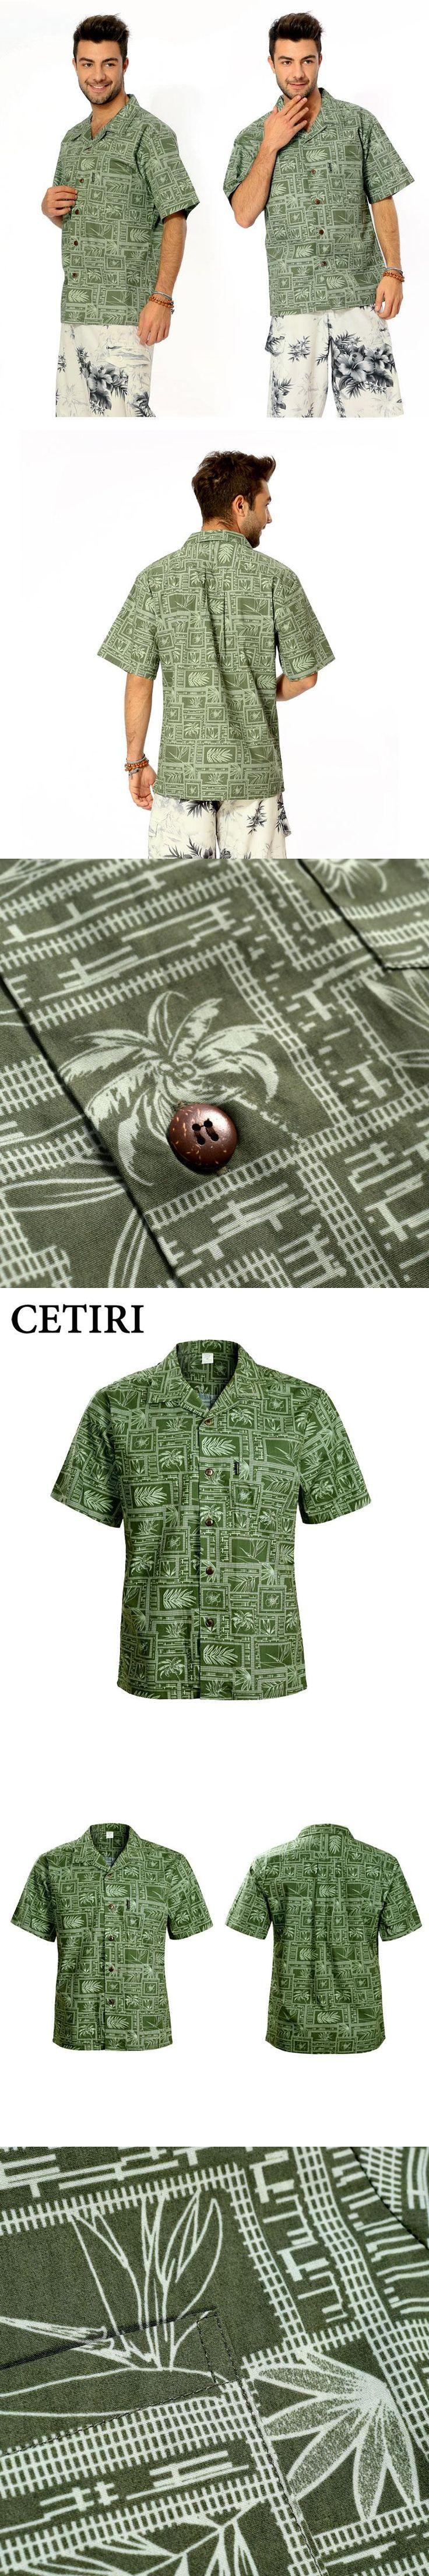 Brand Beach Shirt Men's Hawaiian Shirt Green Cotton Plus Size Fancy Dress Shirts For Men Chemise Homme Camisa Palmeiras Overhemd